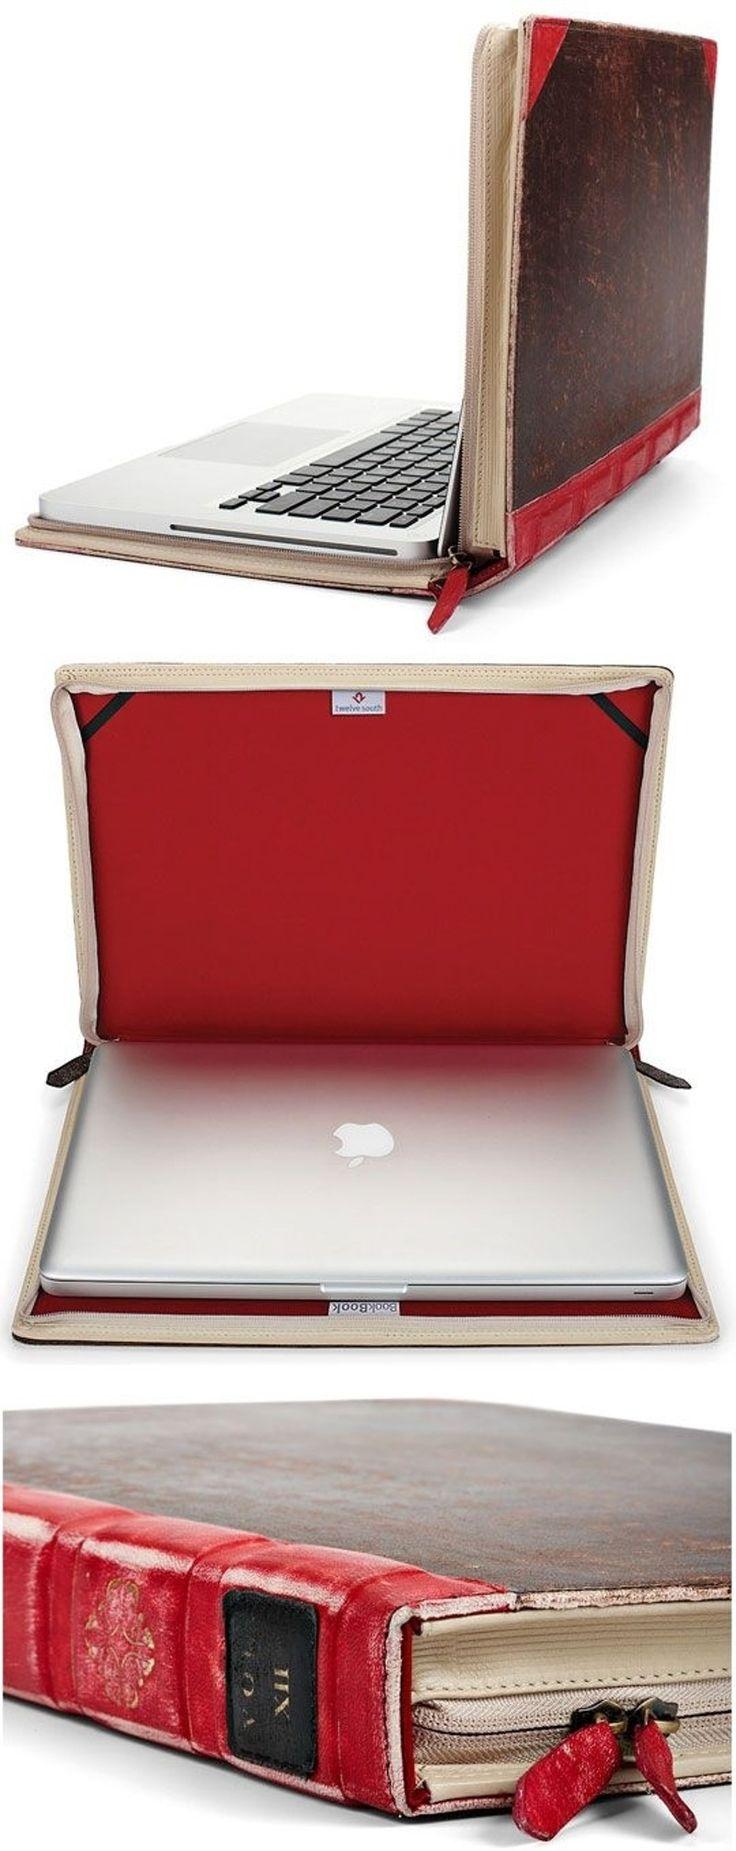 digitales Gerät im analogen Gewand #DIY #Buch #upcycling #Bücher #basteln #Buchliebe #alt #Laptop #case #Hülle #Tasche #retro